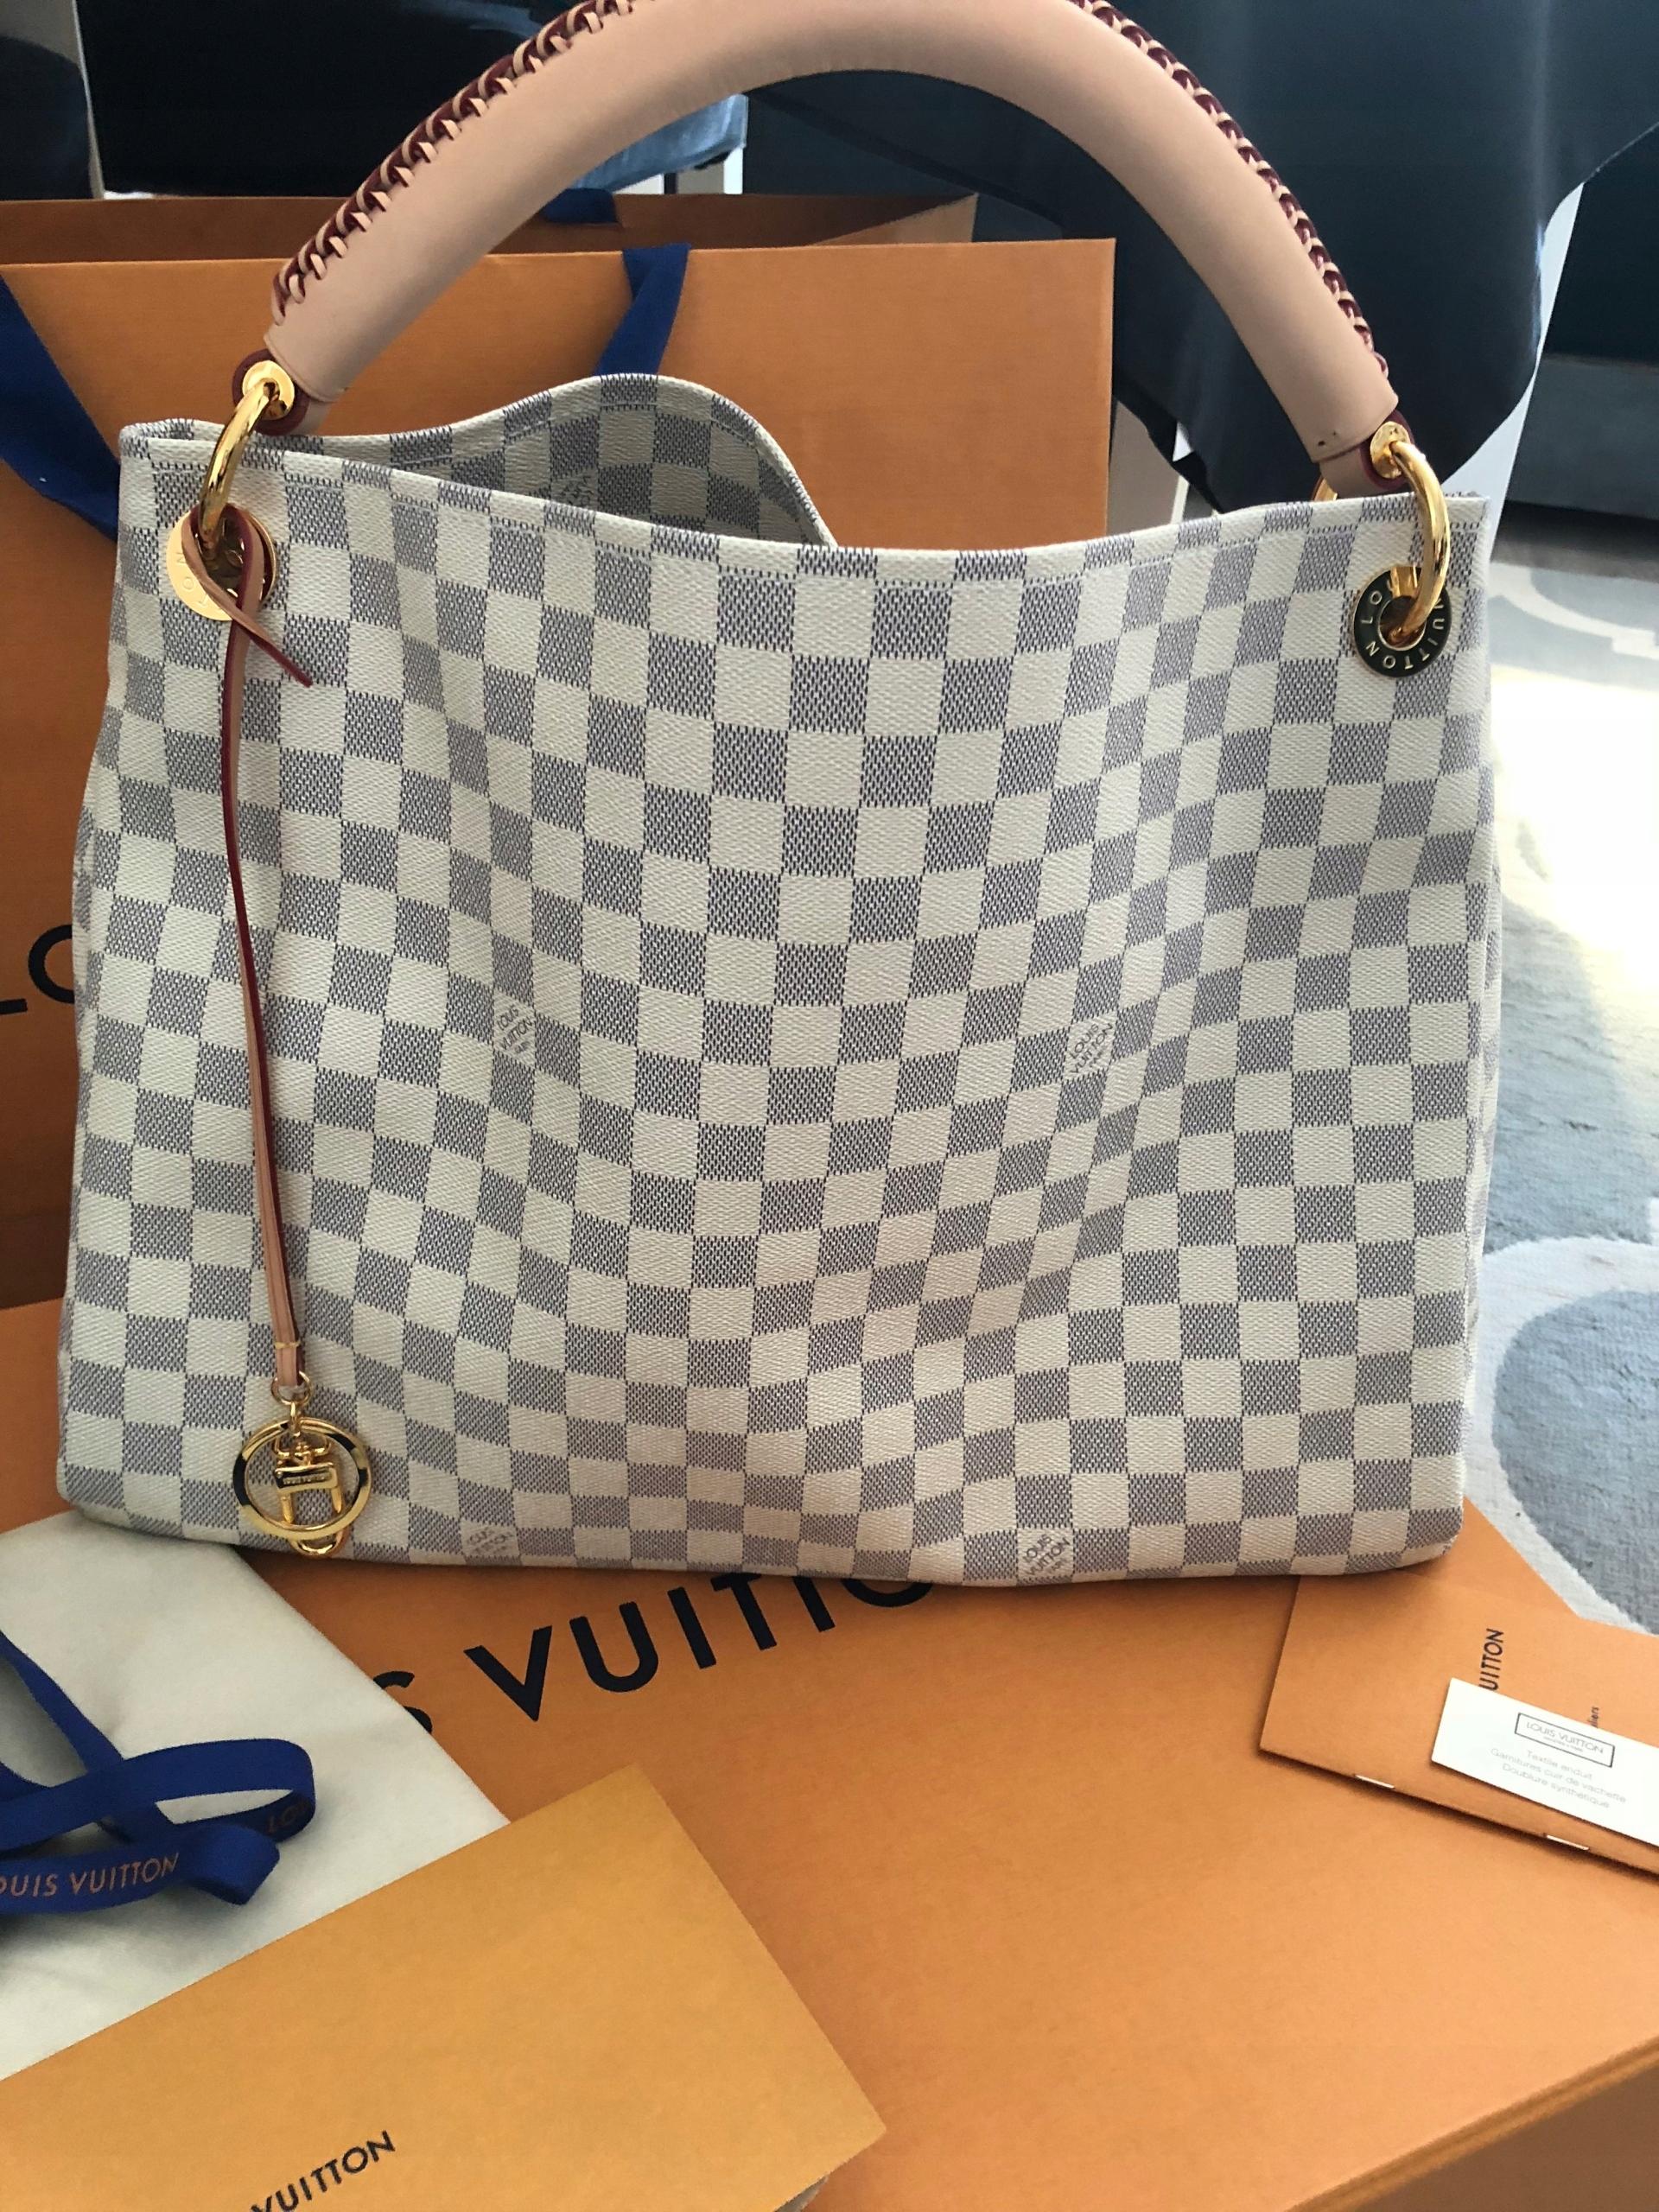 Louis Vuitton Artsy MM Dam. Azur rachunek - 7525399035 - oficjalne ... ff5d82ba0de